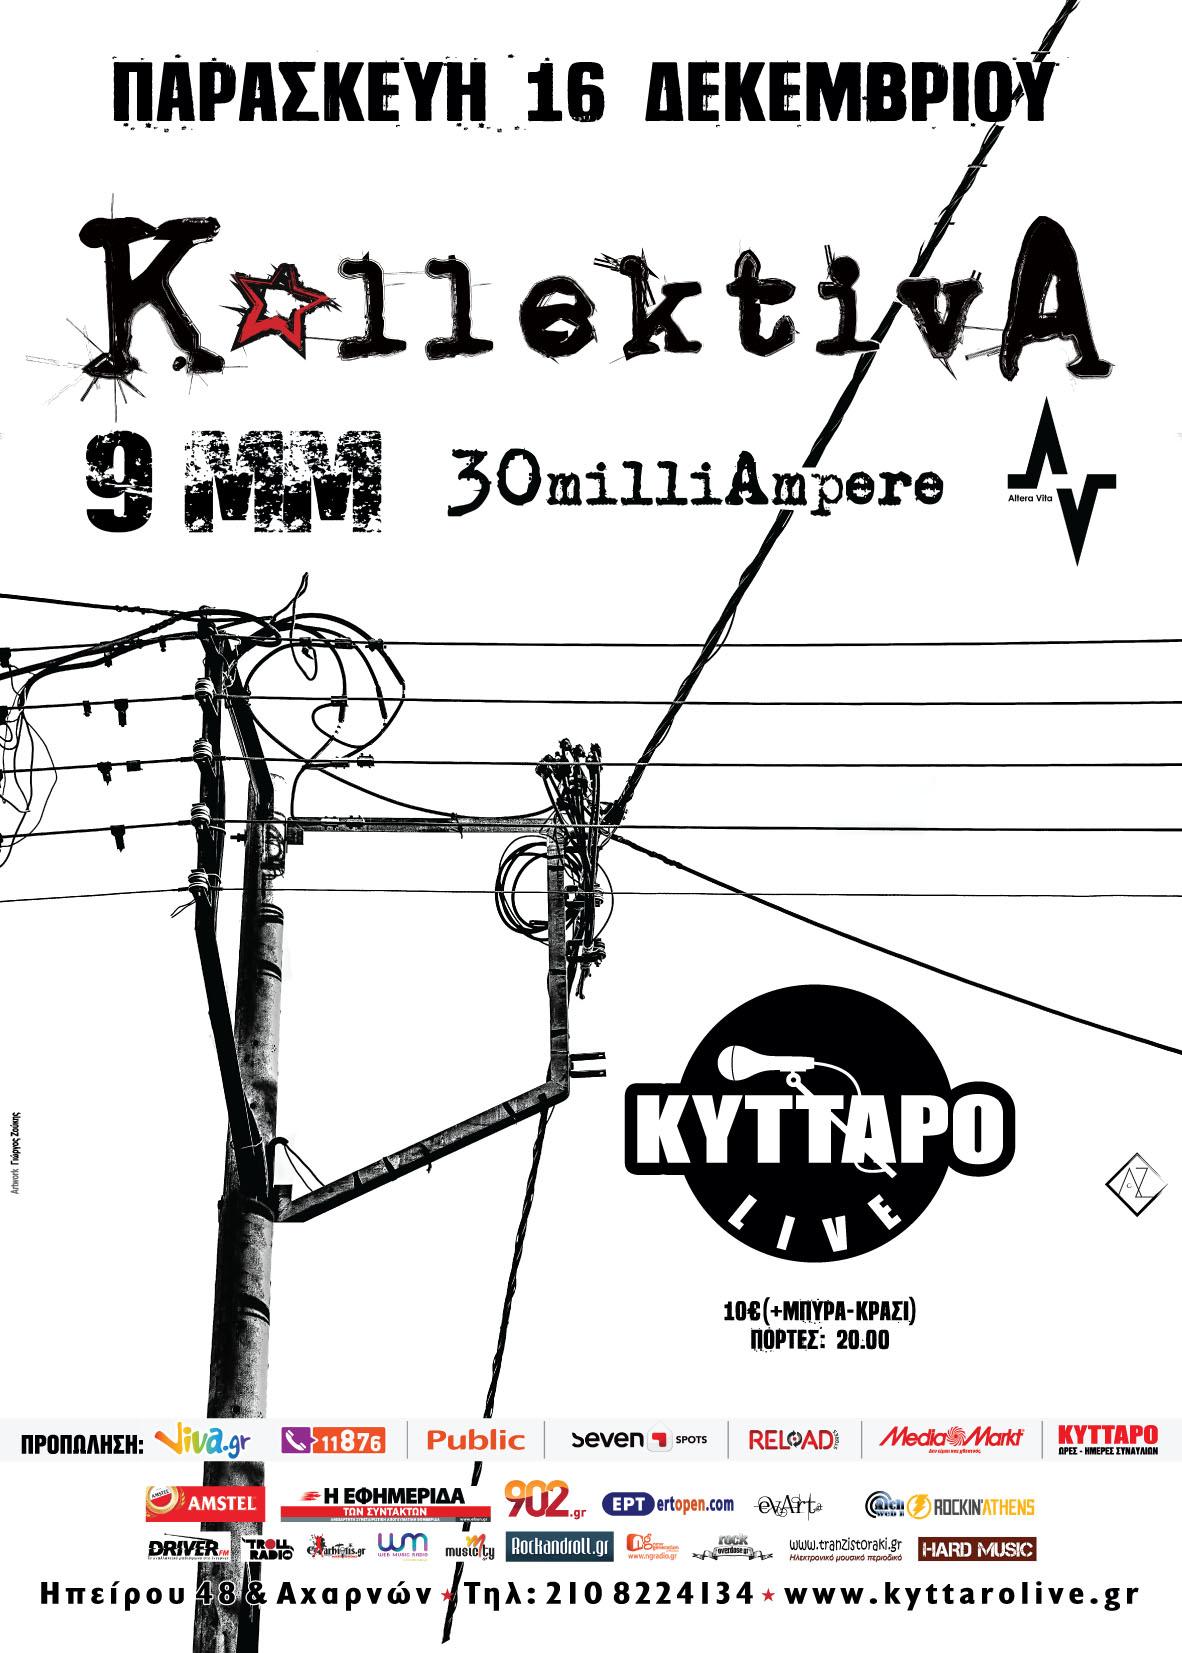 Kyttaro Kolectiva.cdr